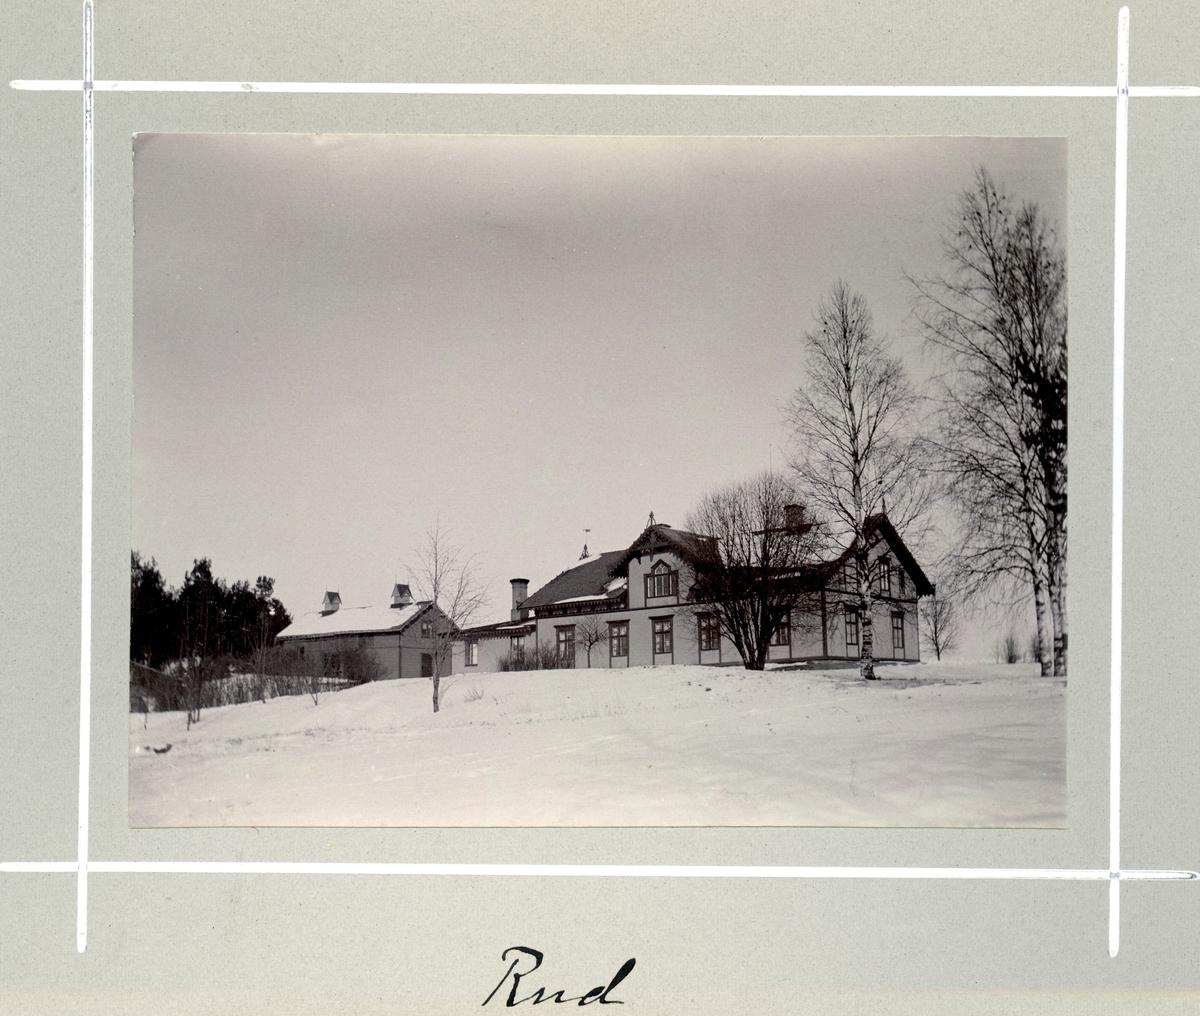 Bildserie tagen av August Malmborg (1875-1895), son till landshövding Adolf Malmborg, ägare till Våxnäs herrgård, och hans maka Julia, född Åkerhielm.  Bilderna är tagna från tidigt 1890-tal fram till 1895 med texten skriven av modern: Rud